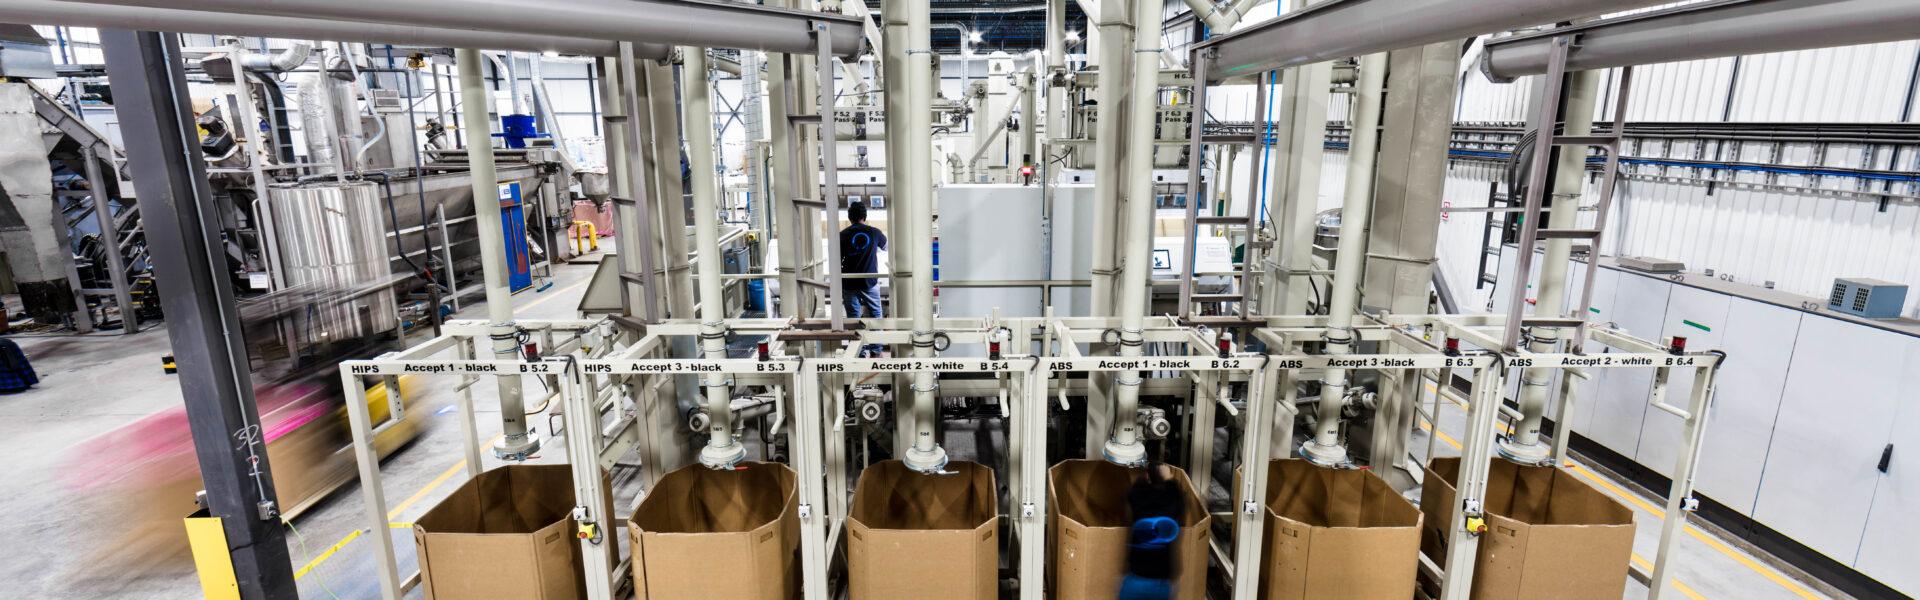 manufacturing-lavergne3